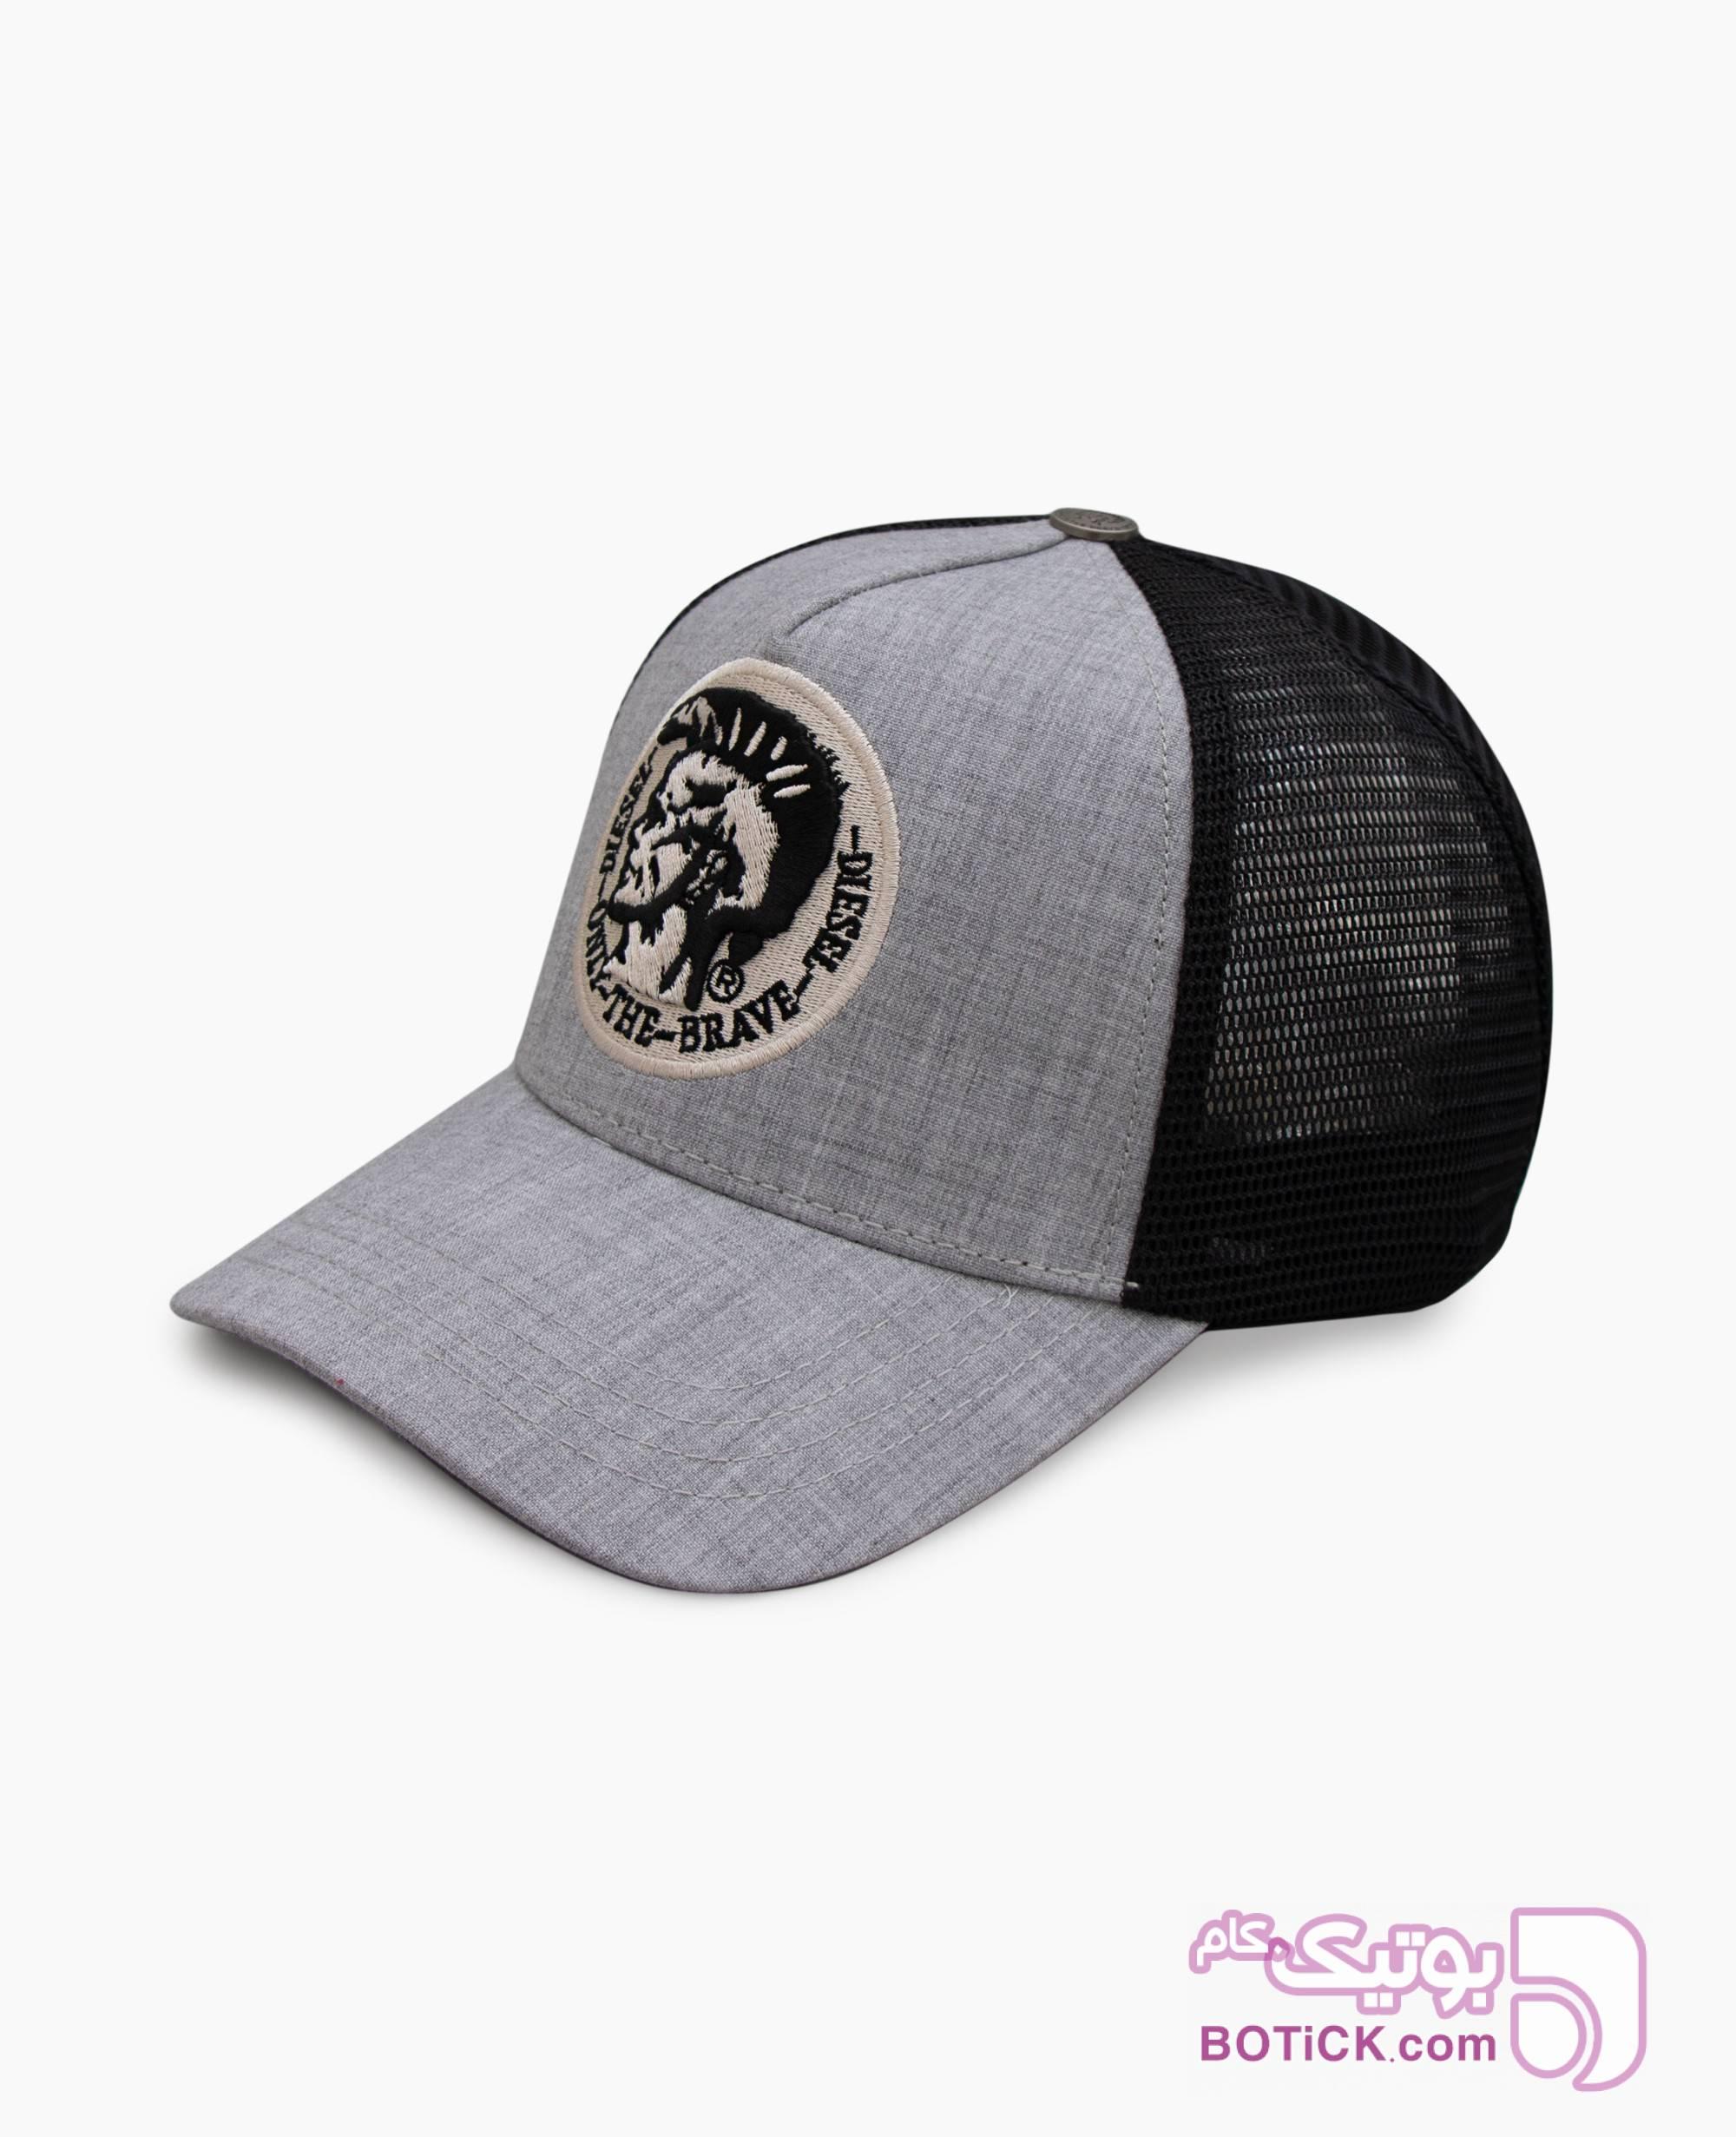 کلاه لبه گرد Diesel کد 5516 طوسی کلاه و اسکارف